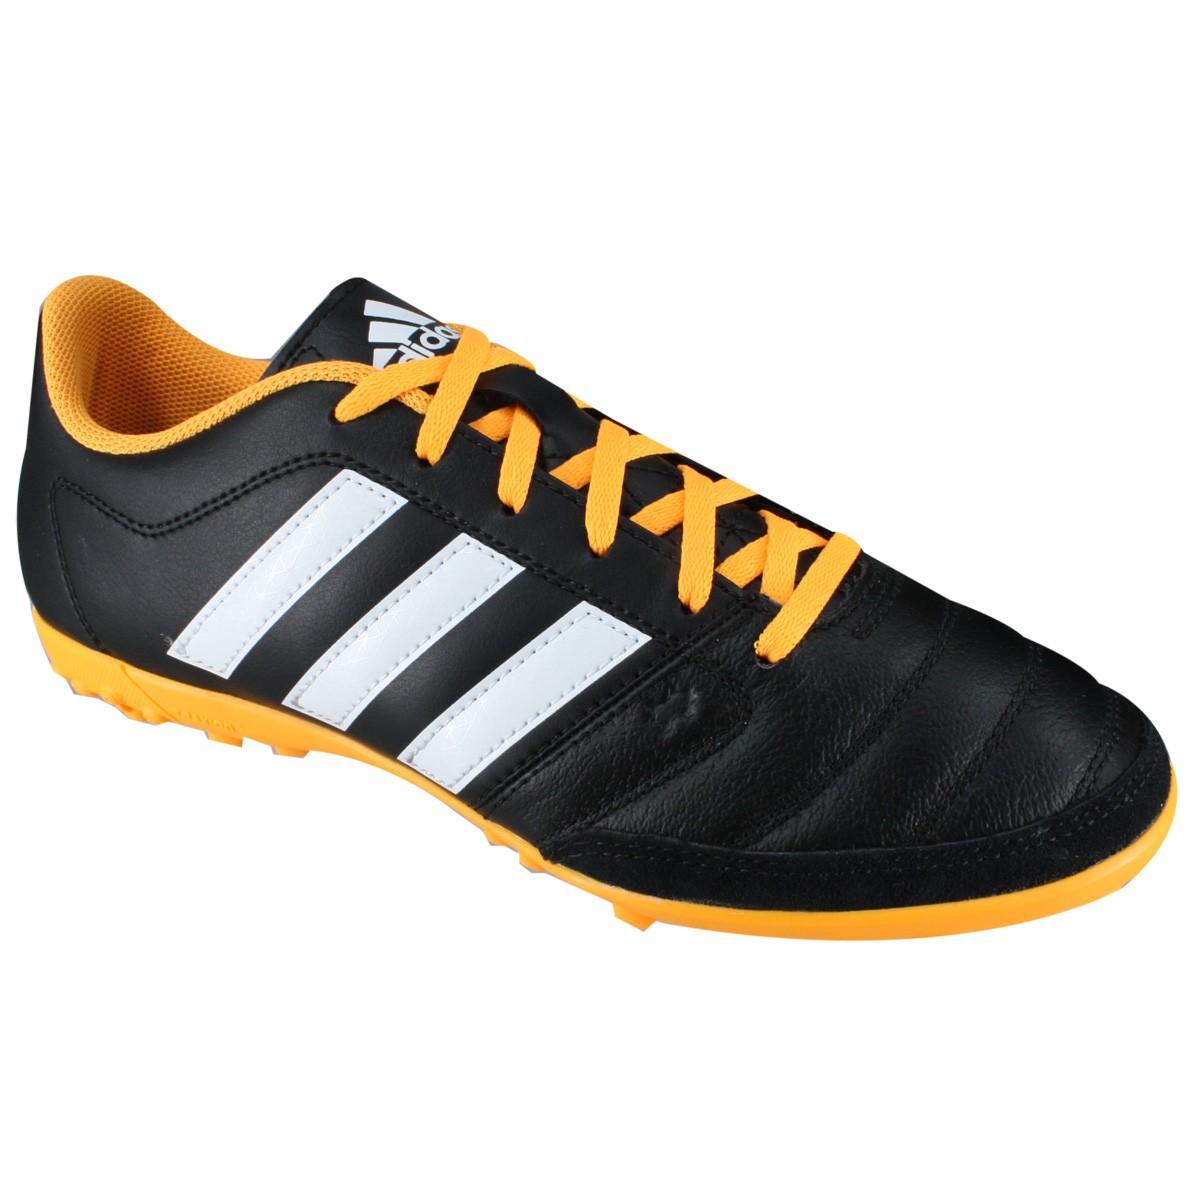 Chuteira F7 Adidas Gloro 16.2 TF S78819 - Preto Branco - Calçados ... e1673cad6fd06